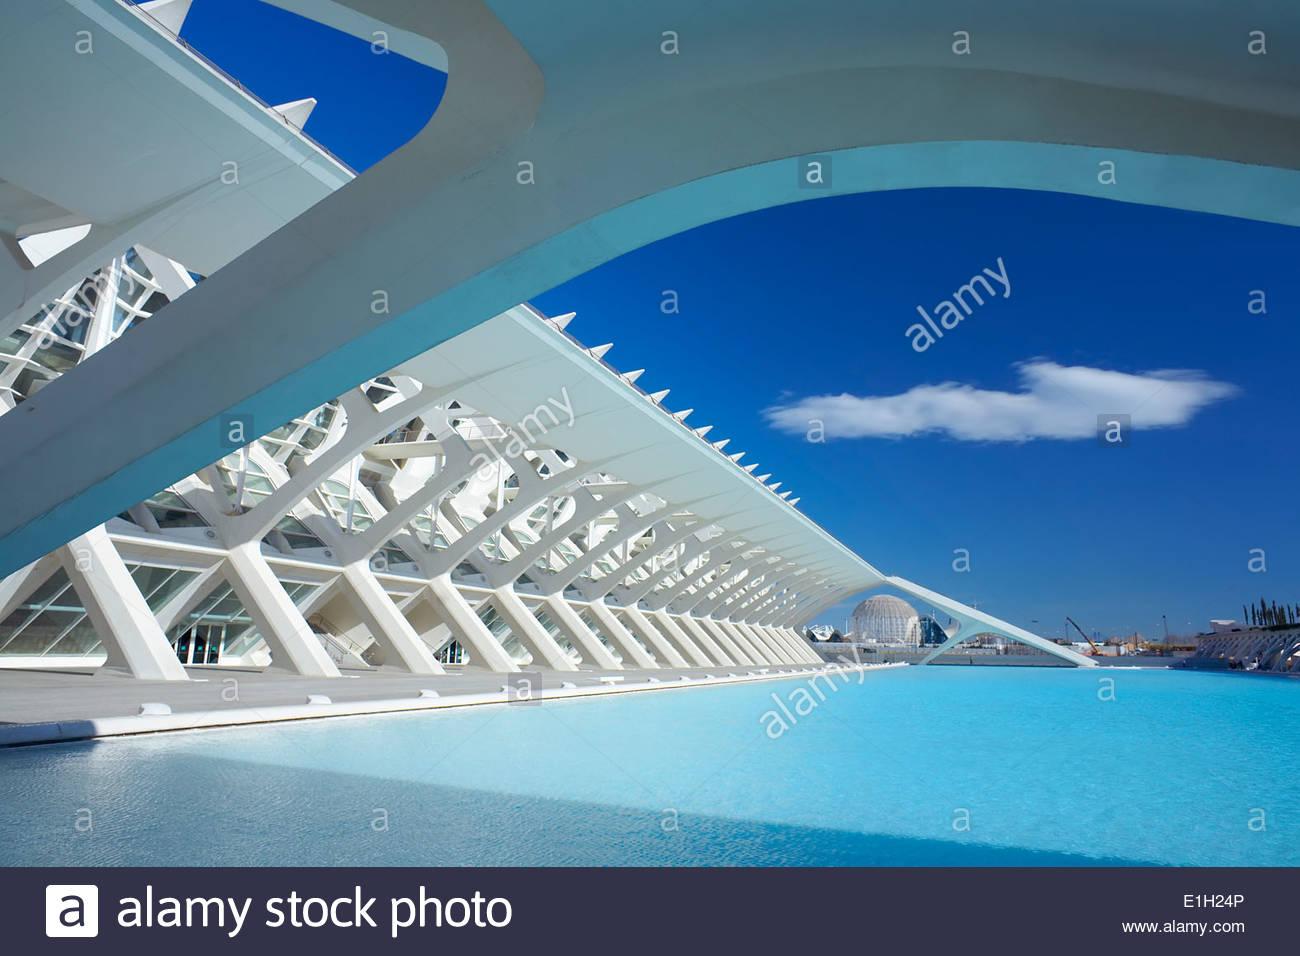 Dettagli architettonici della Città delle Arti e delle Scienze di Valencia, Spagna Immagini Stock